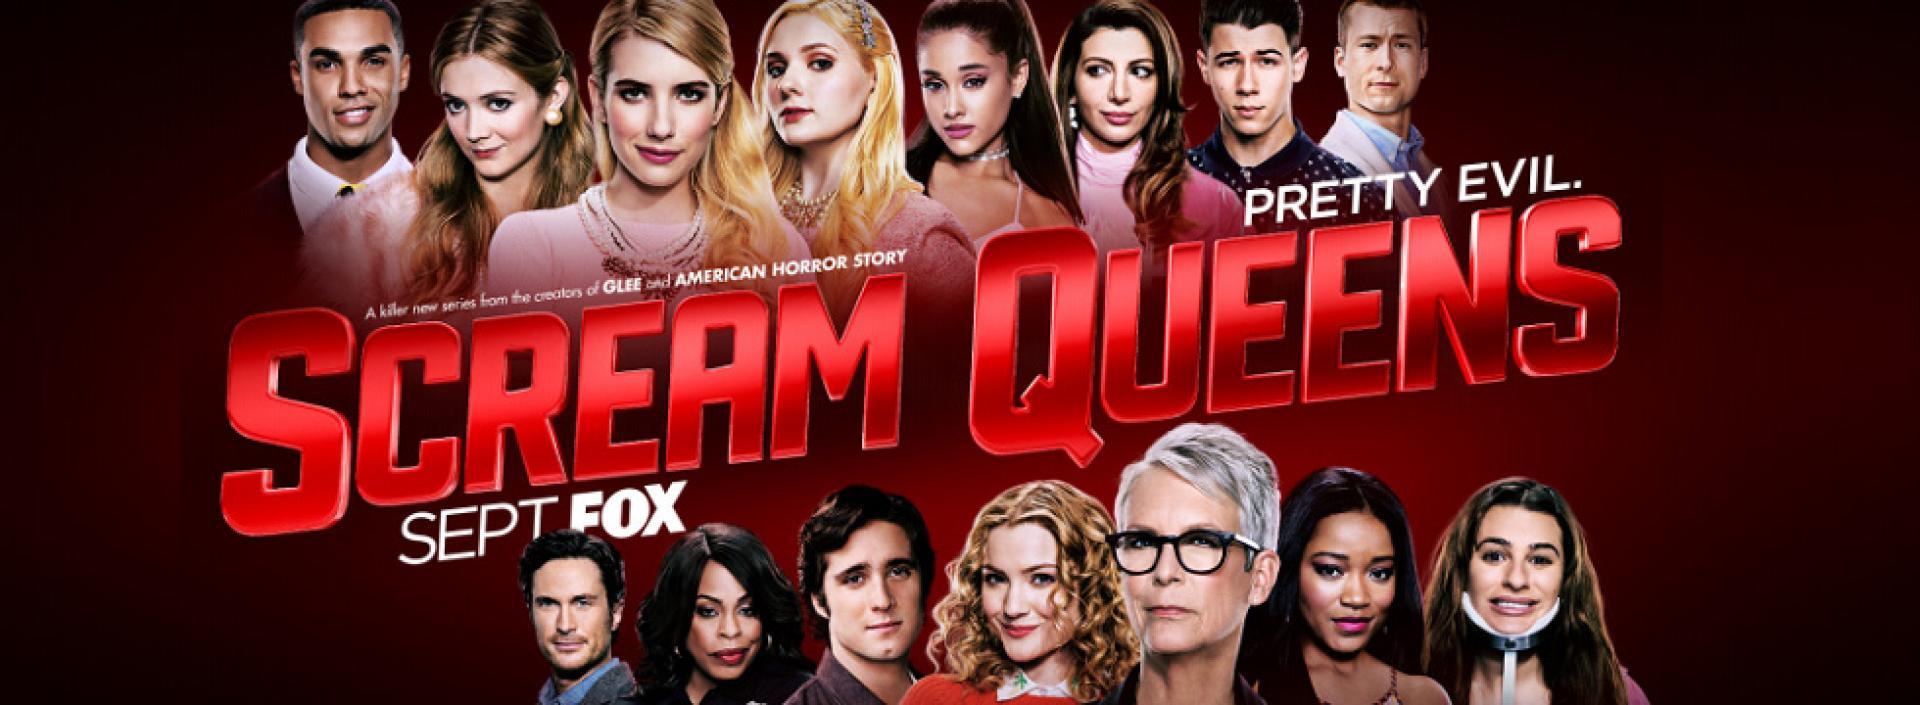 Scream Queens: évadzáró és évadértékelő